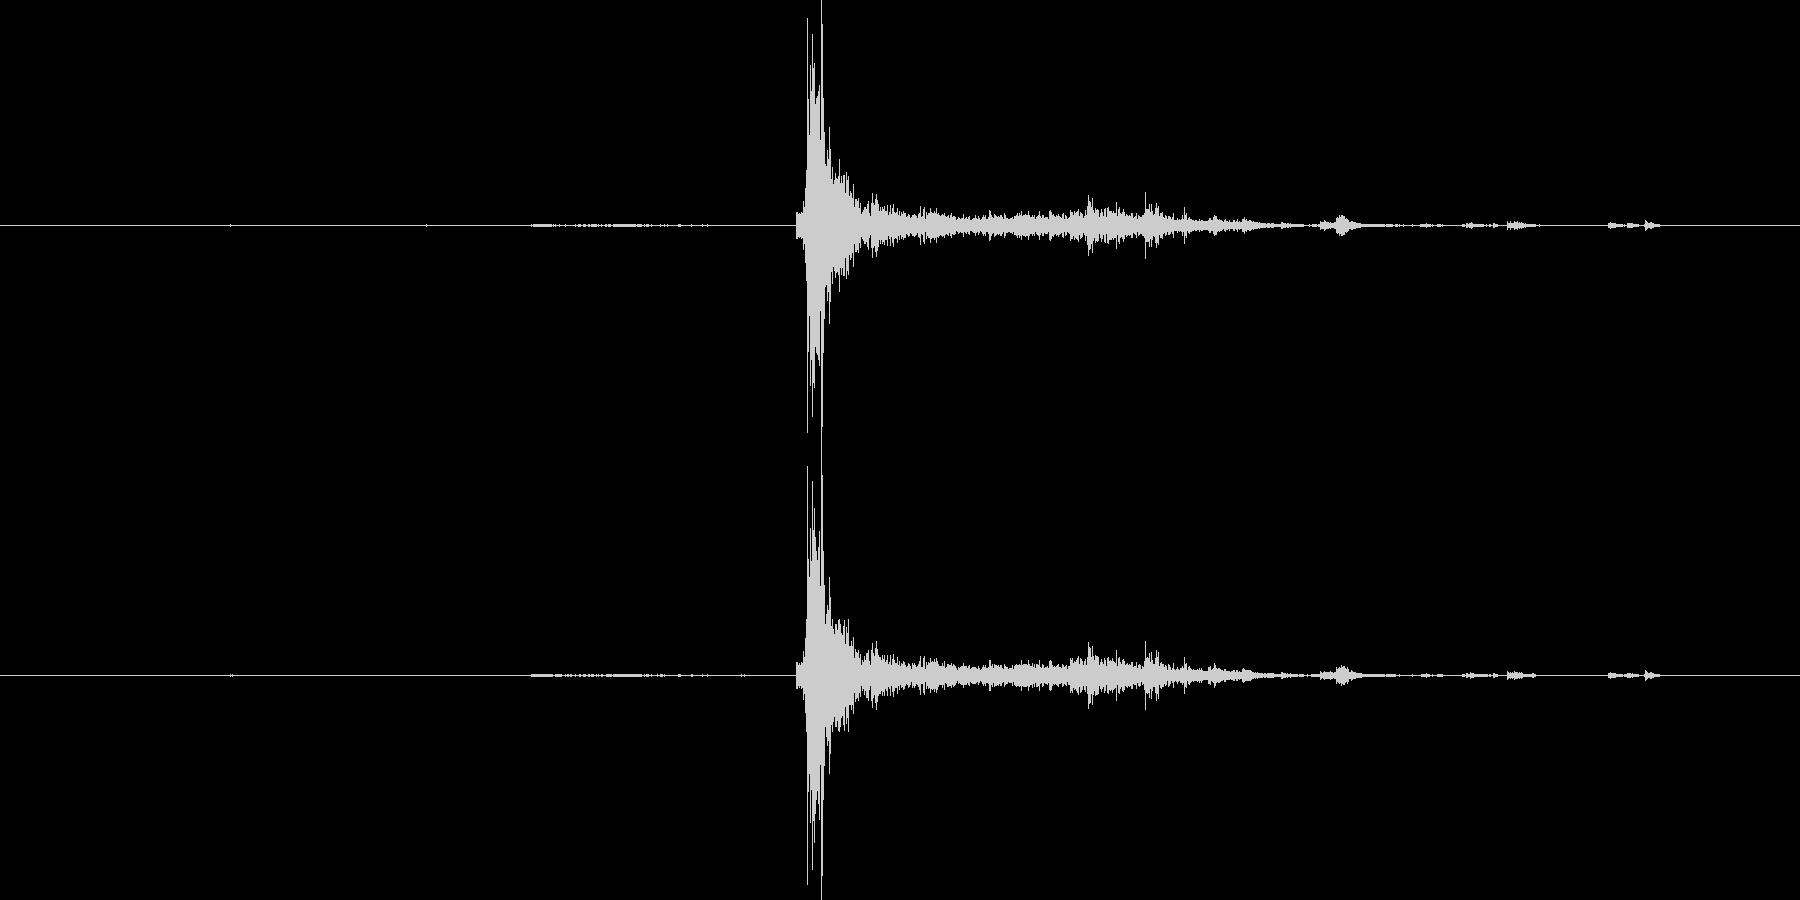 キー キーホルダーラージドロップカ...の未再生の波形